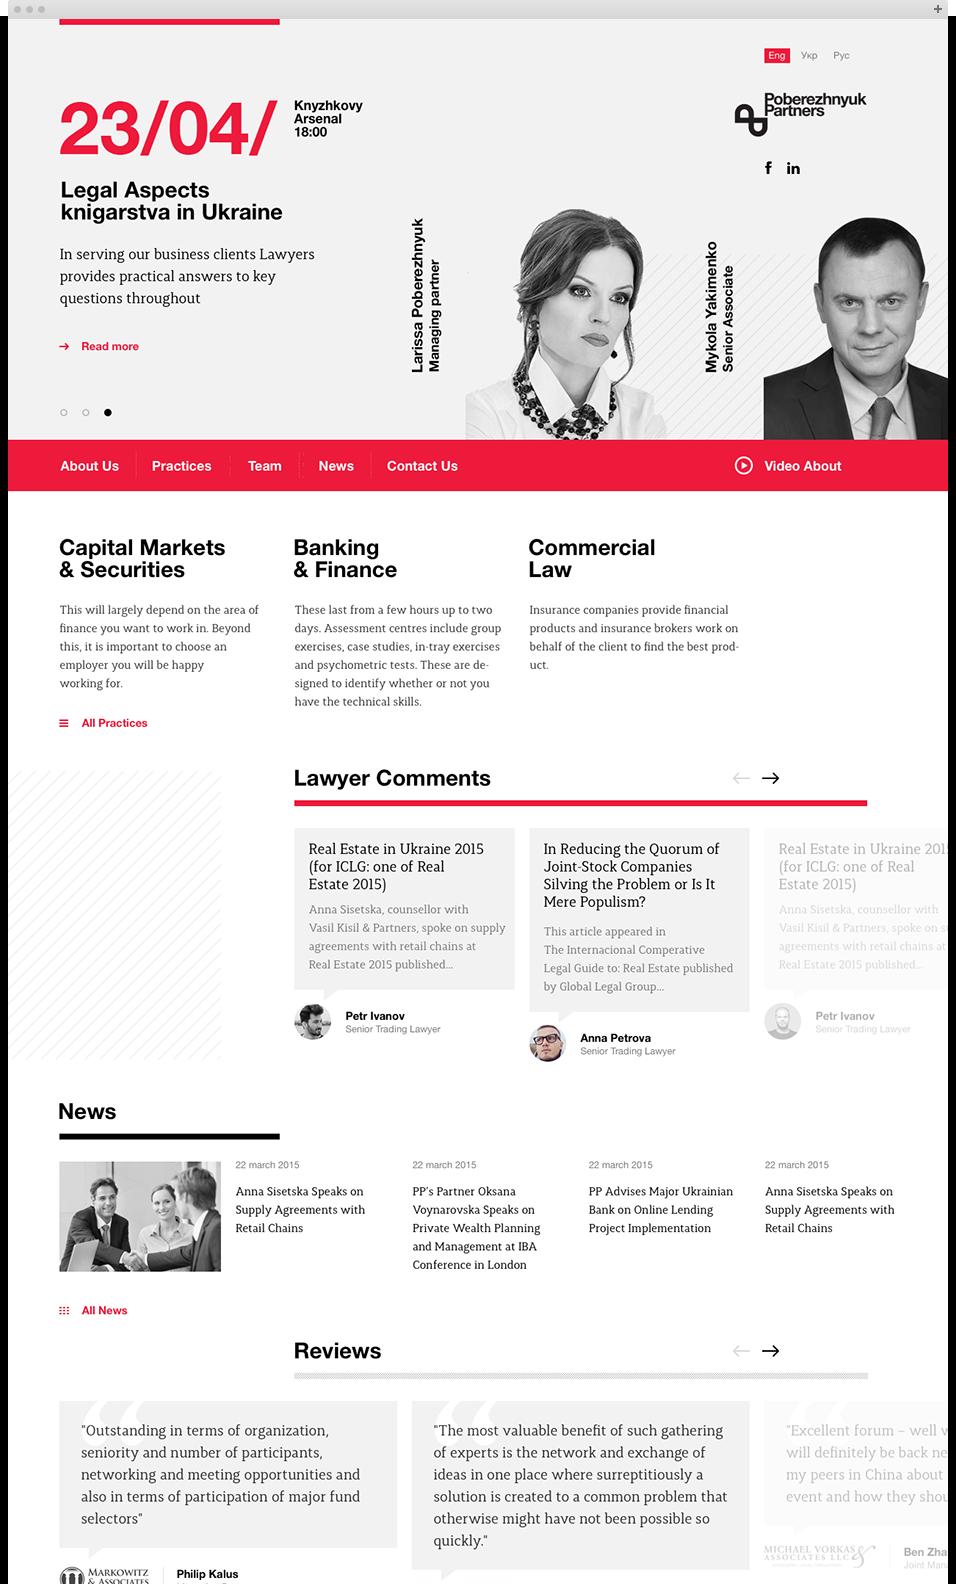 Poberezhnyk Partners Web Design By Tdeser Dizajn Veb Sajtov Veb Dizajn Graficheskij Dizajn